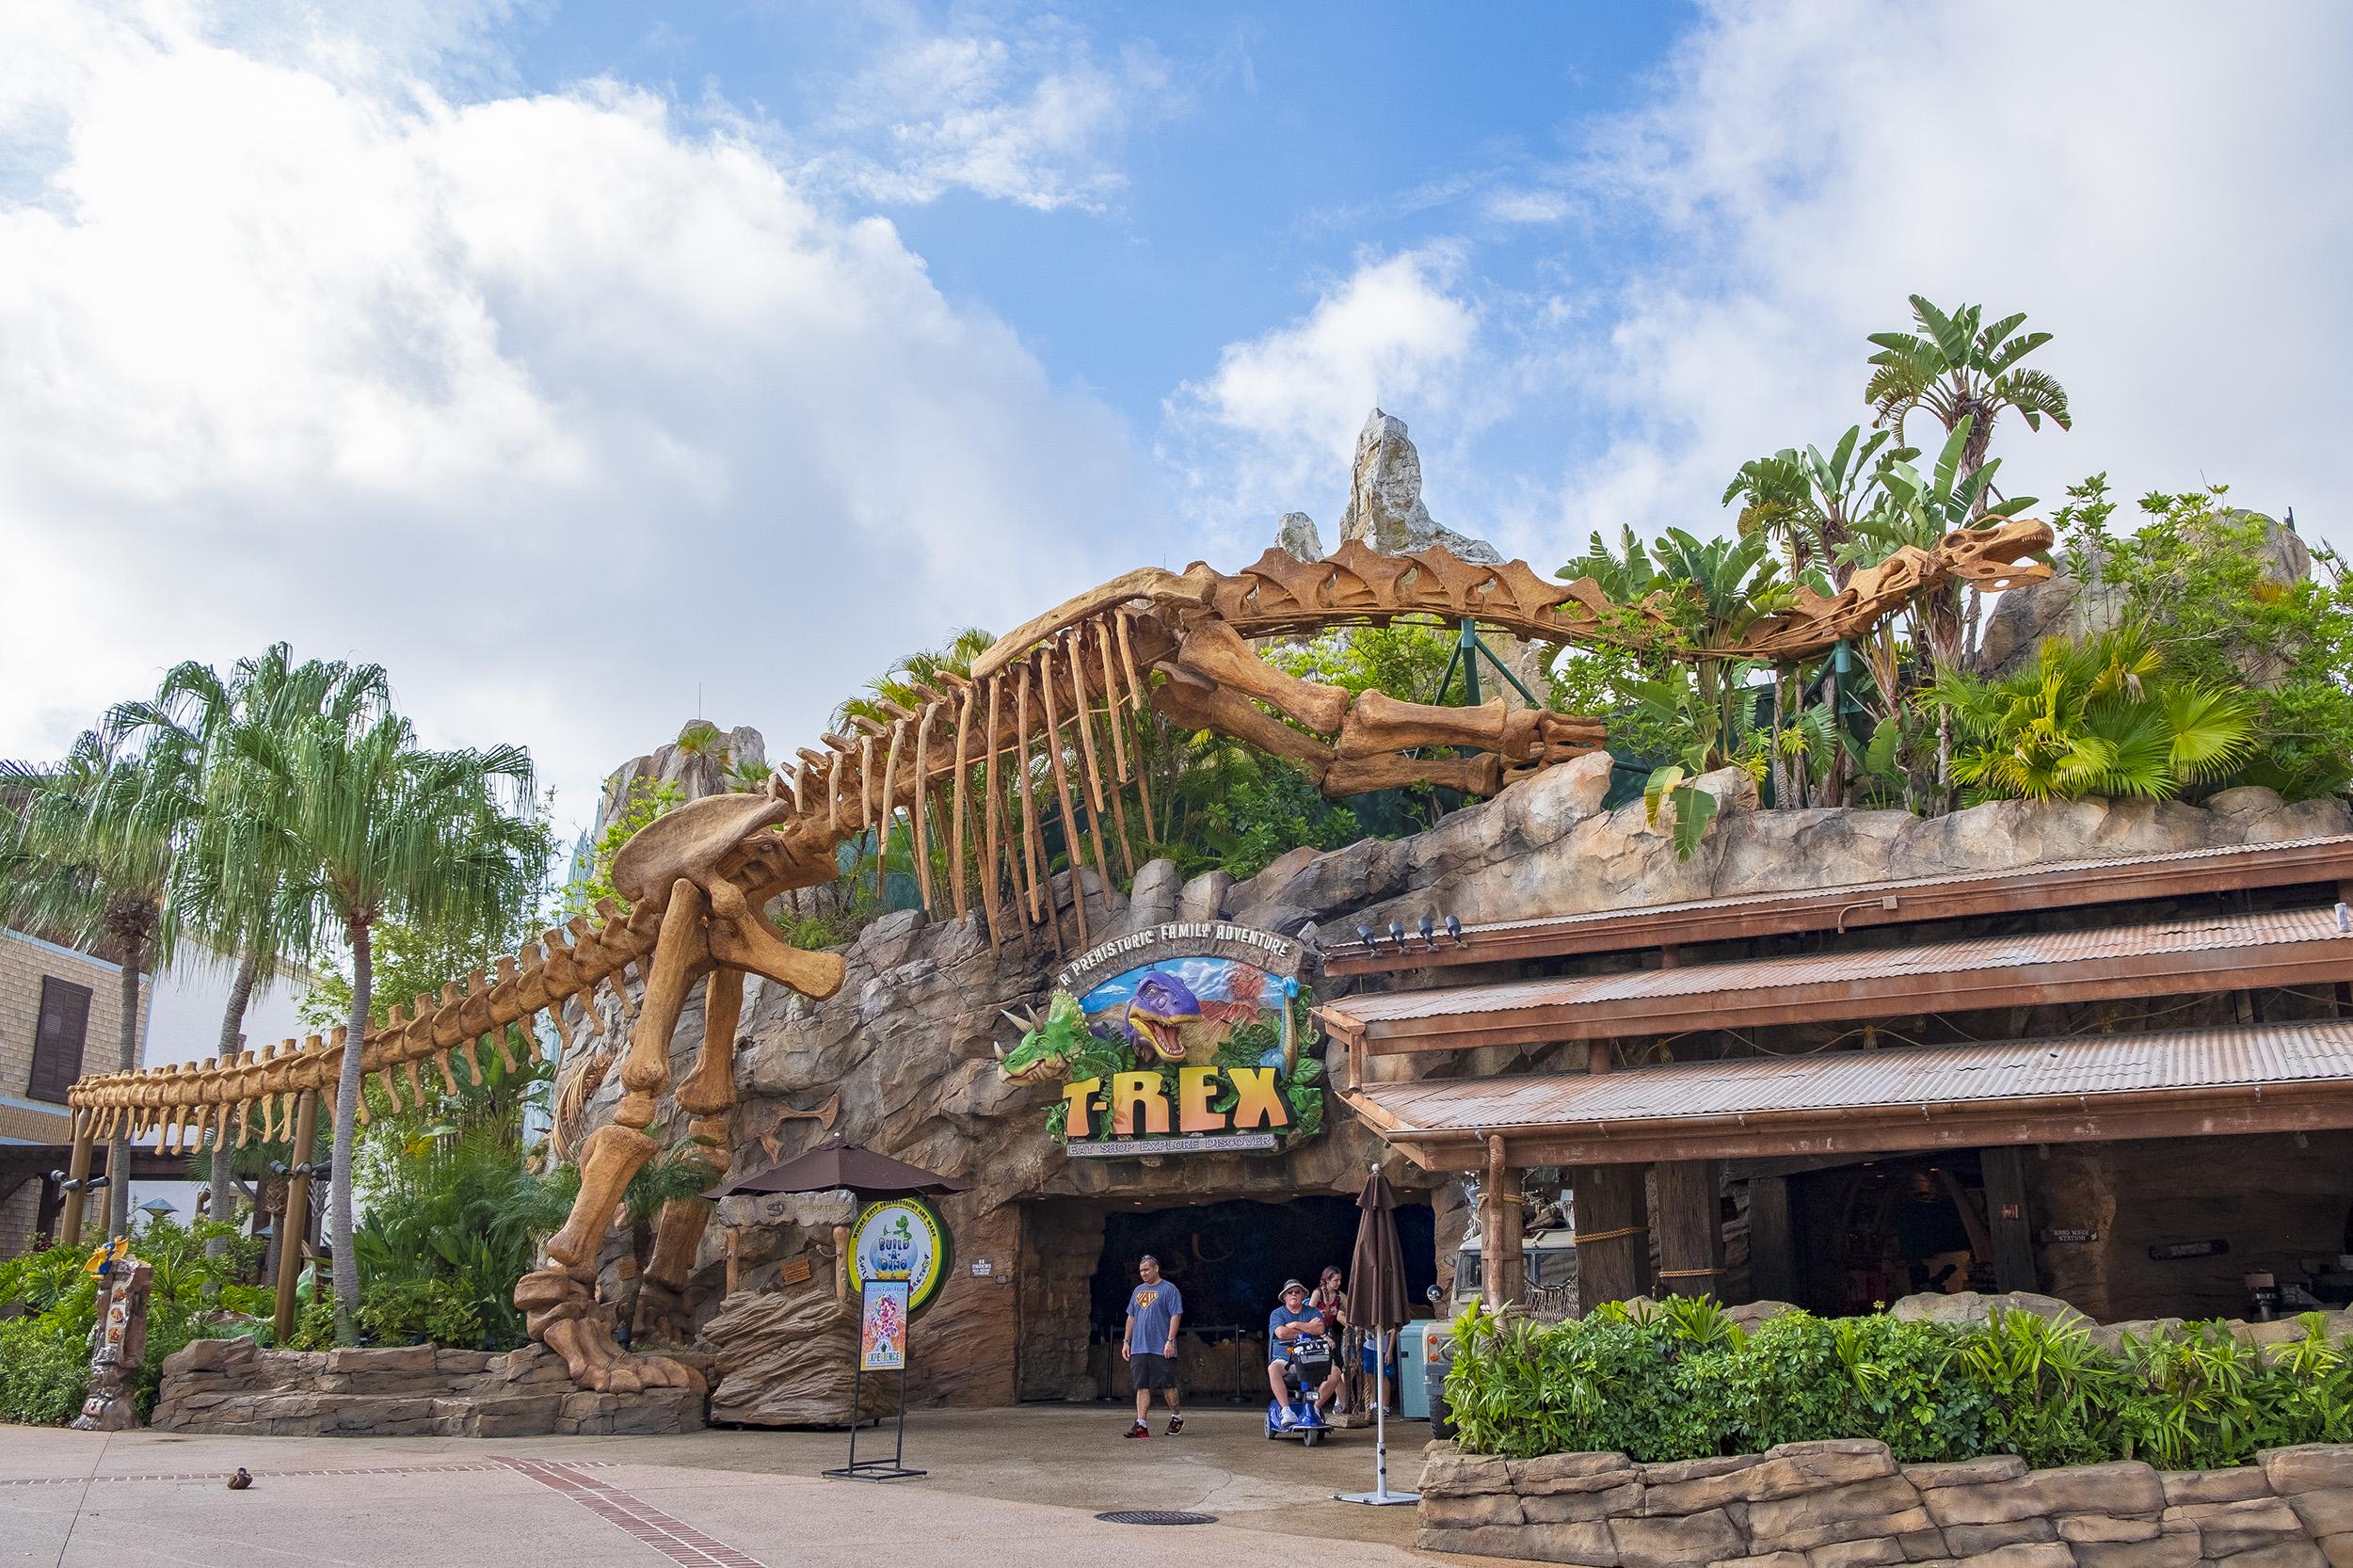 T-rex Disney Springs